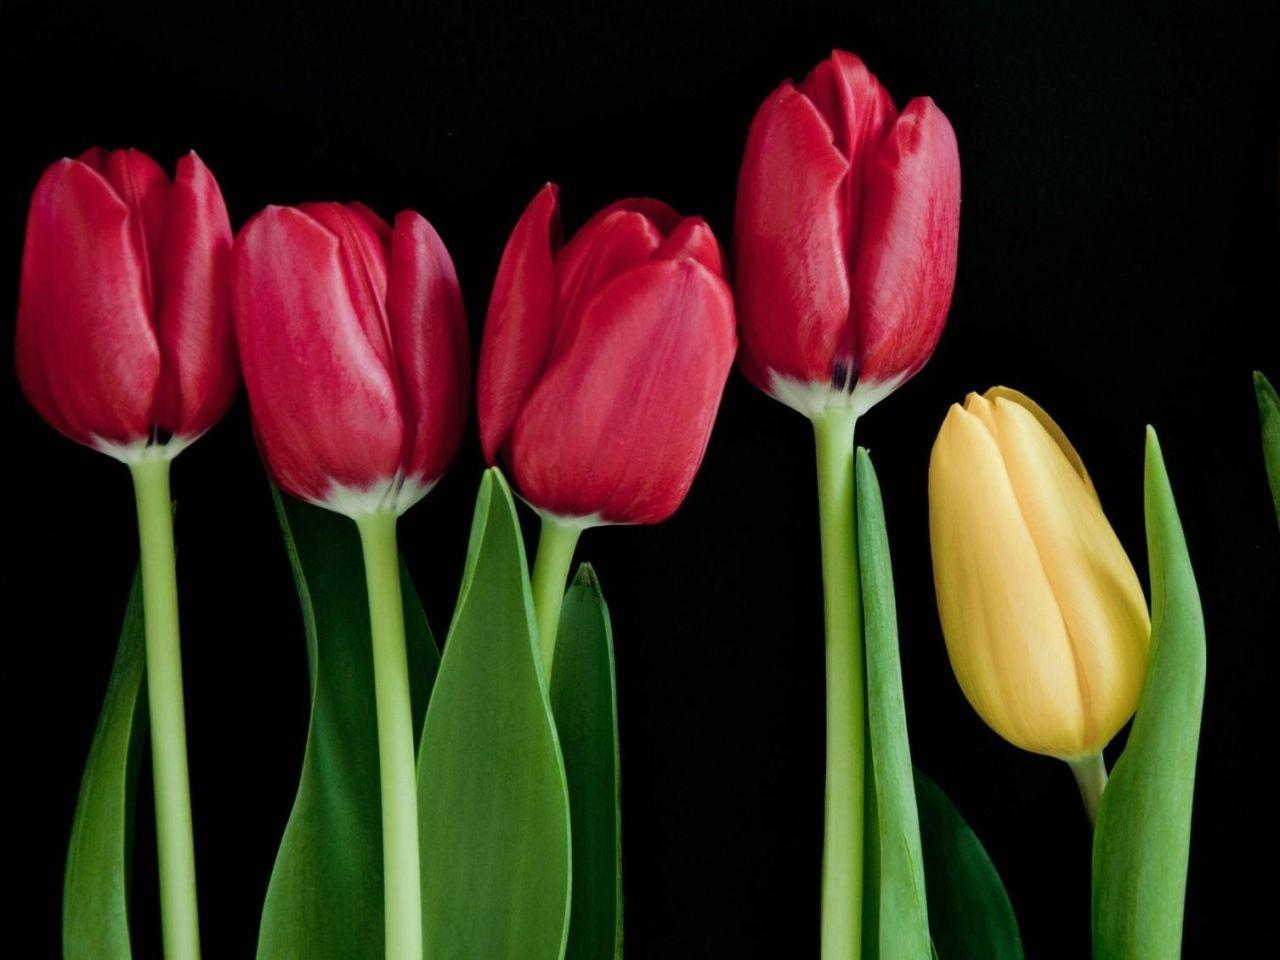 bunga gambar wallpaper tulip batang vektor hitam foto